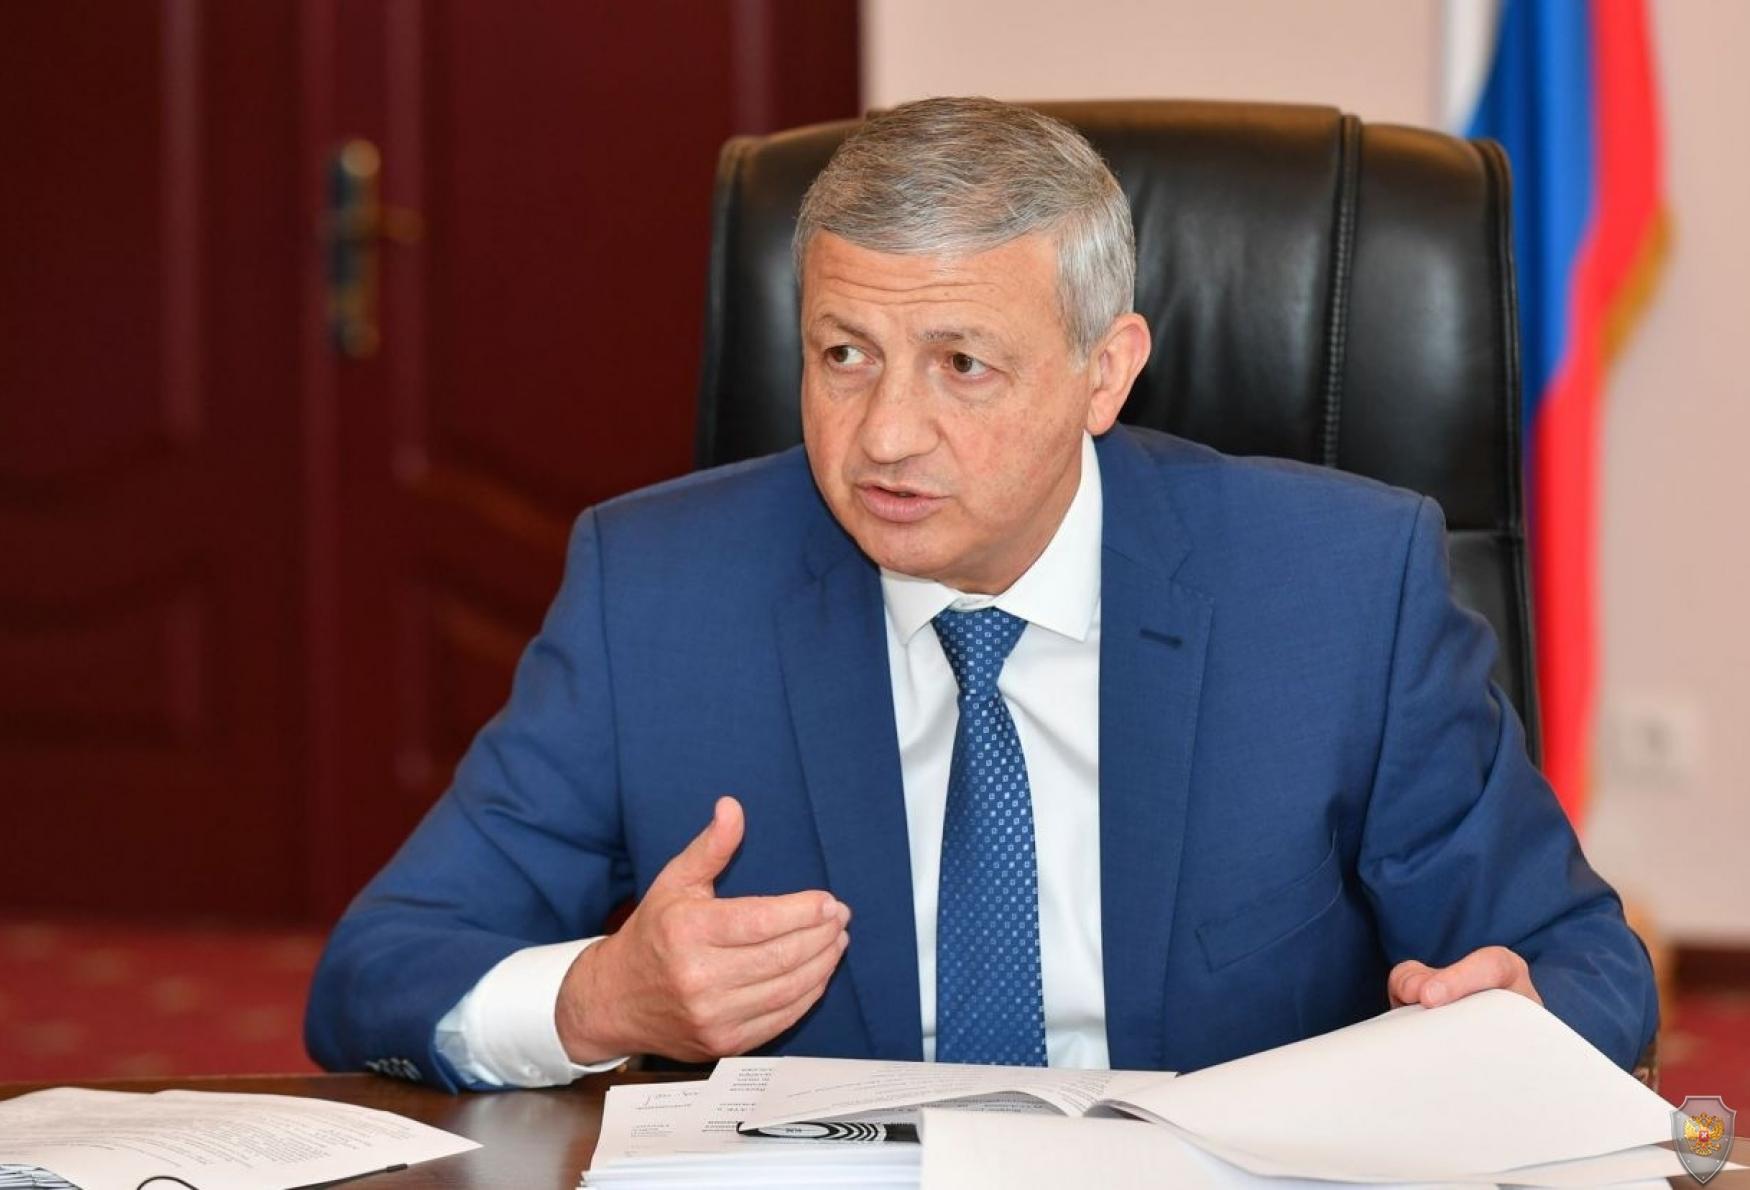 Битаров В.З., Глава РСО-Алания, Председатель АТК в РСО-Алания